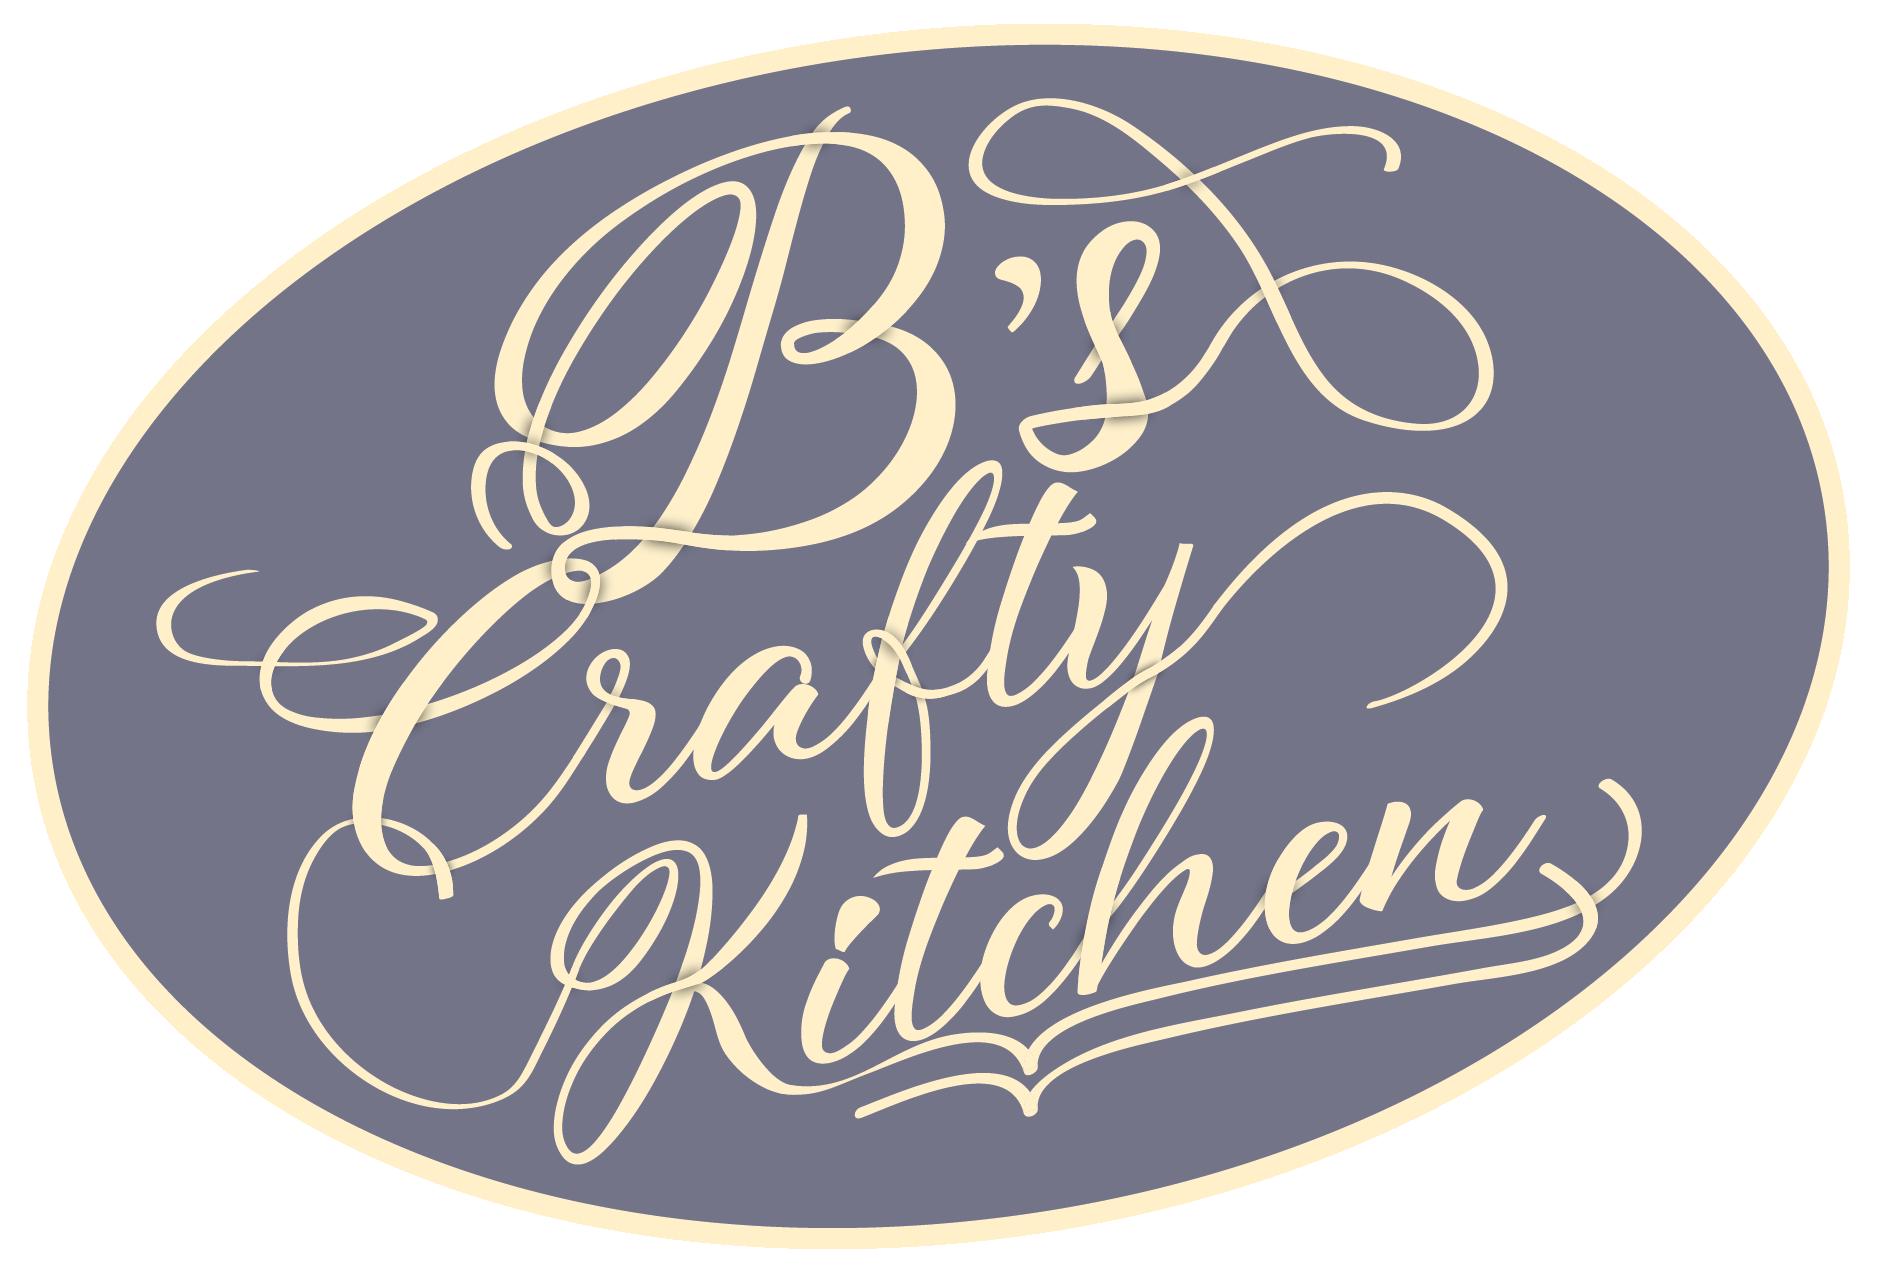 Bs Crafty Kitchen Logo Design-01